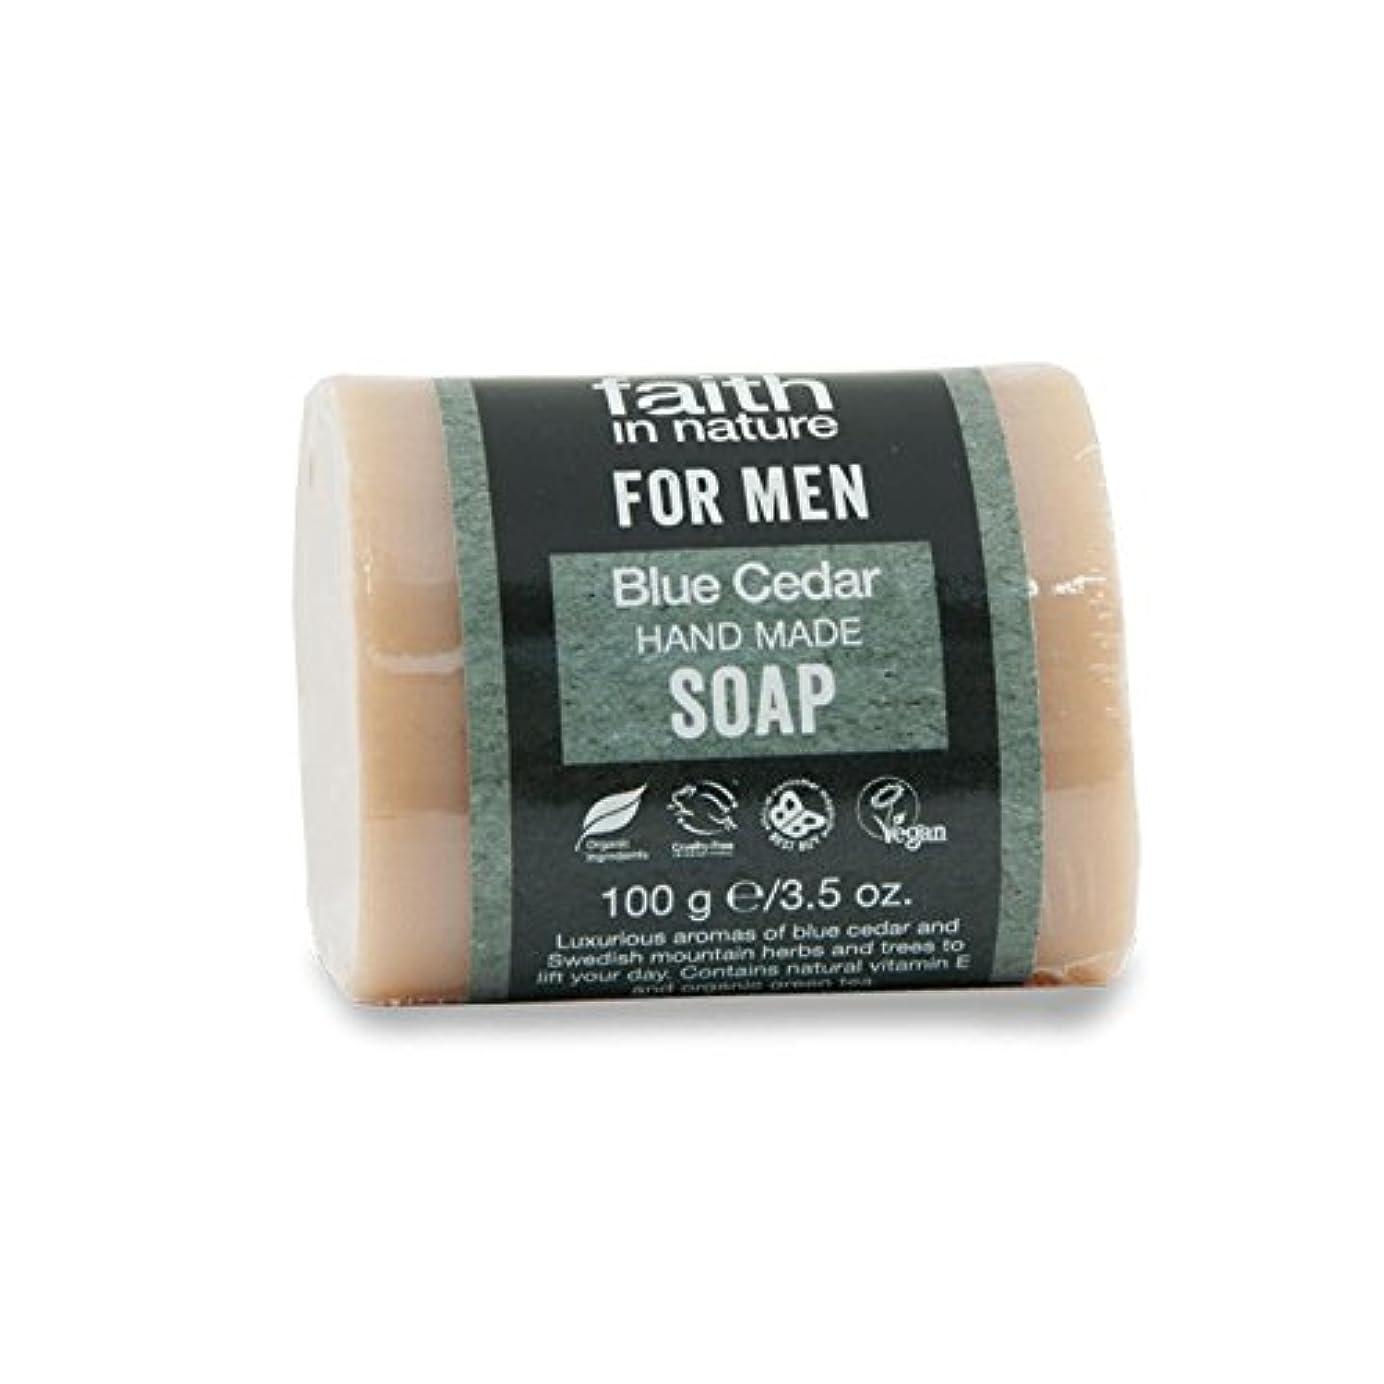 ジャーナリストハッチ時代遅れ男性青杉の石鹸100グラムのための自然の中で信仰 - Faith in Nature for Men Blue Cedar Soap 100g (Faith in Nature) [並行輸入品]